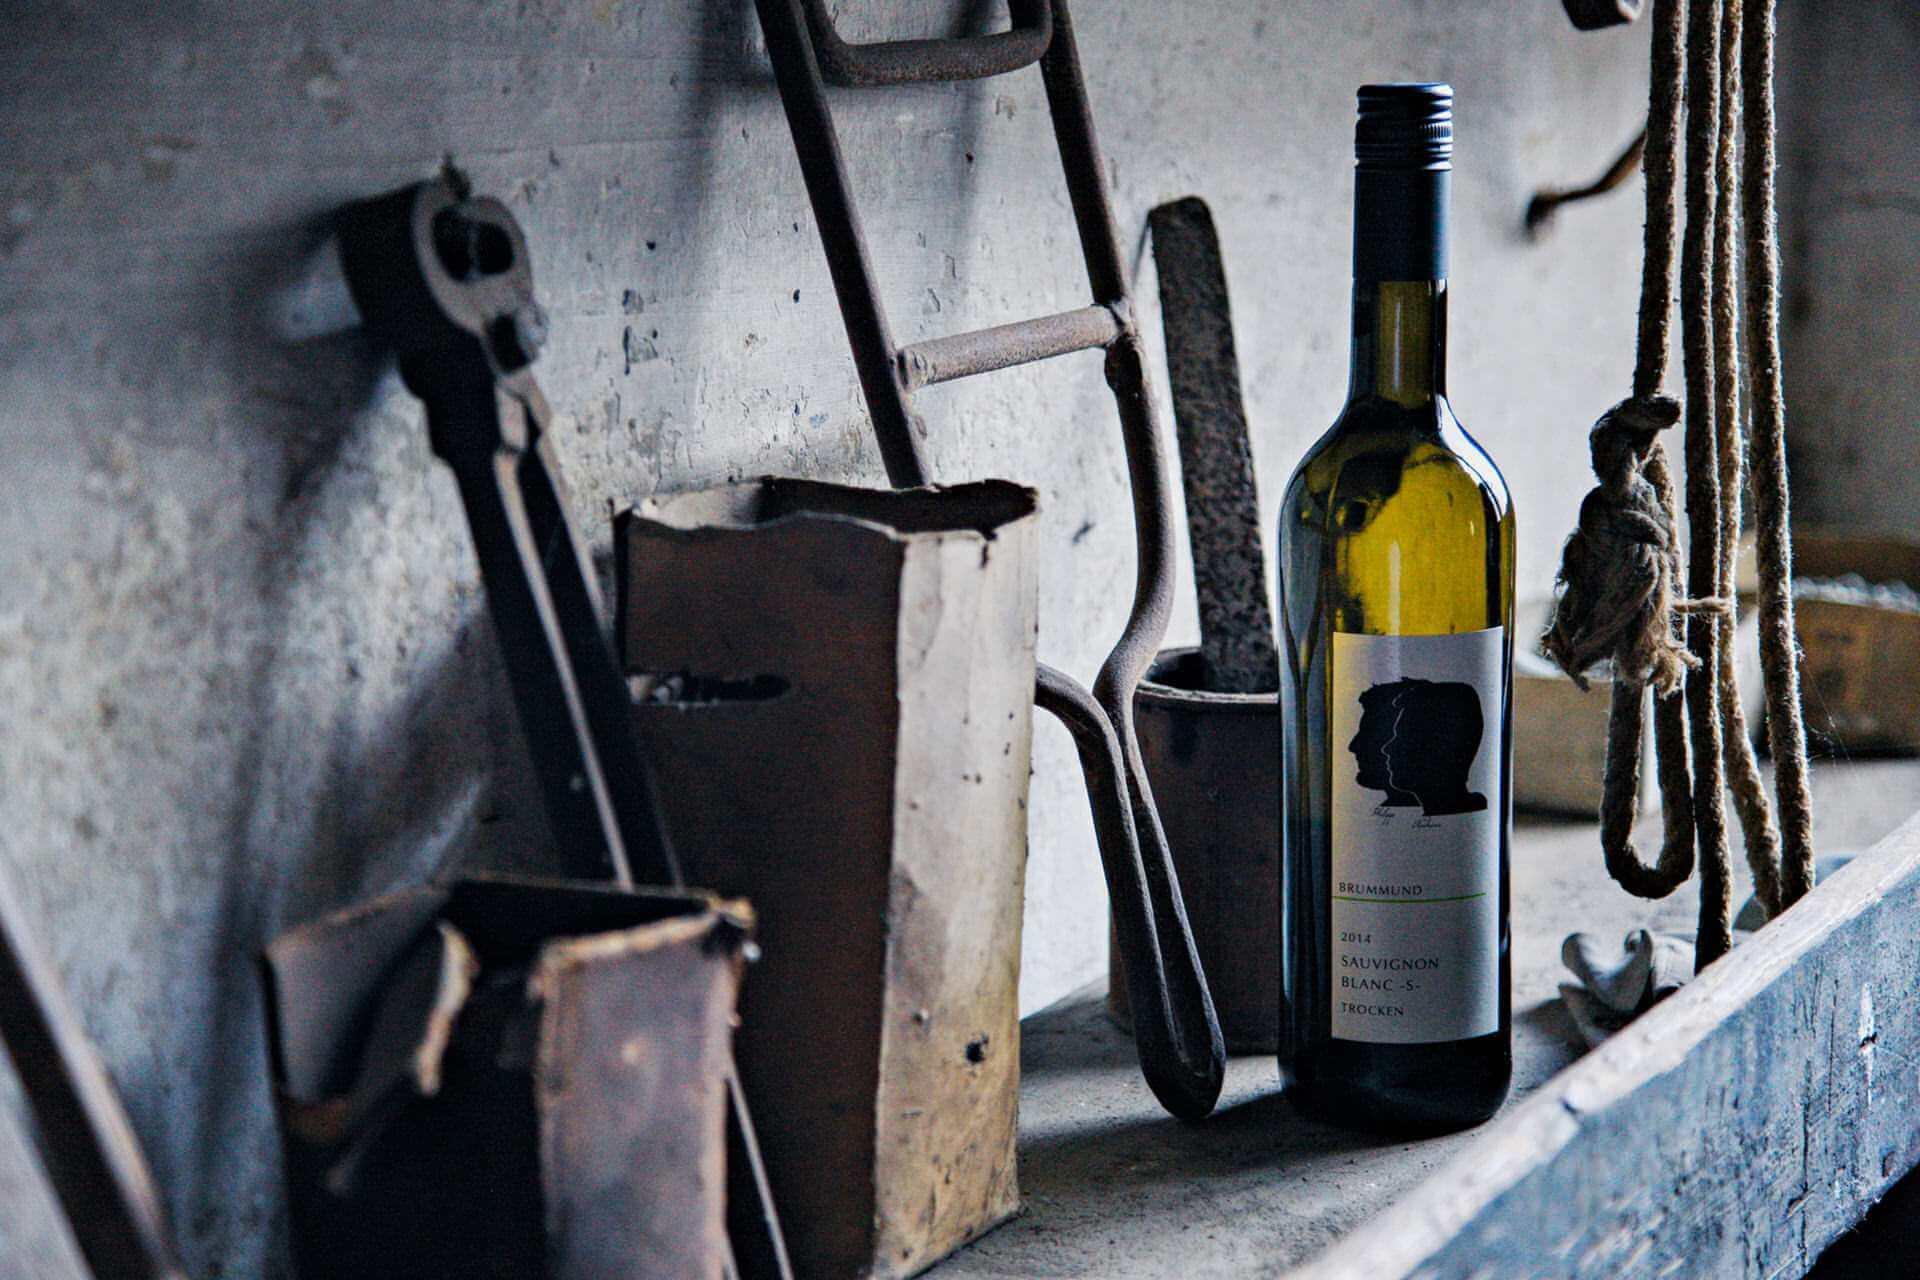 Brummund Wein auf einer Werkbank